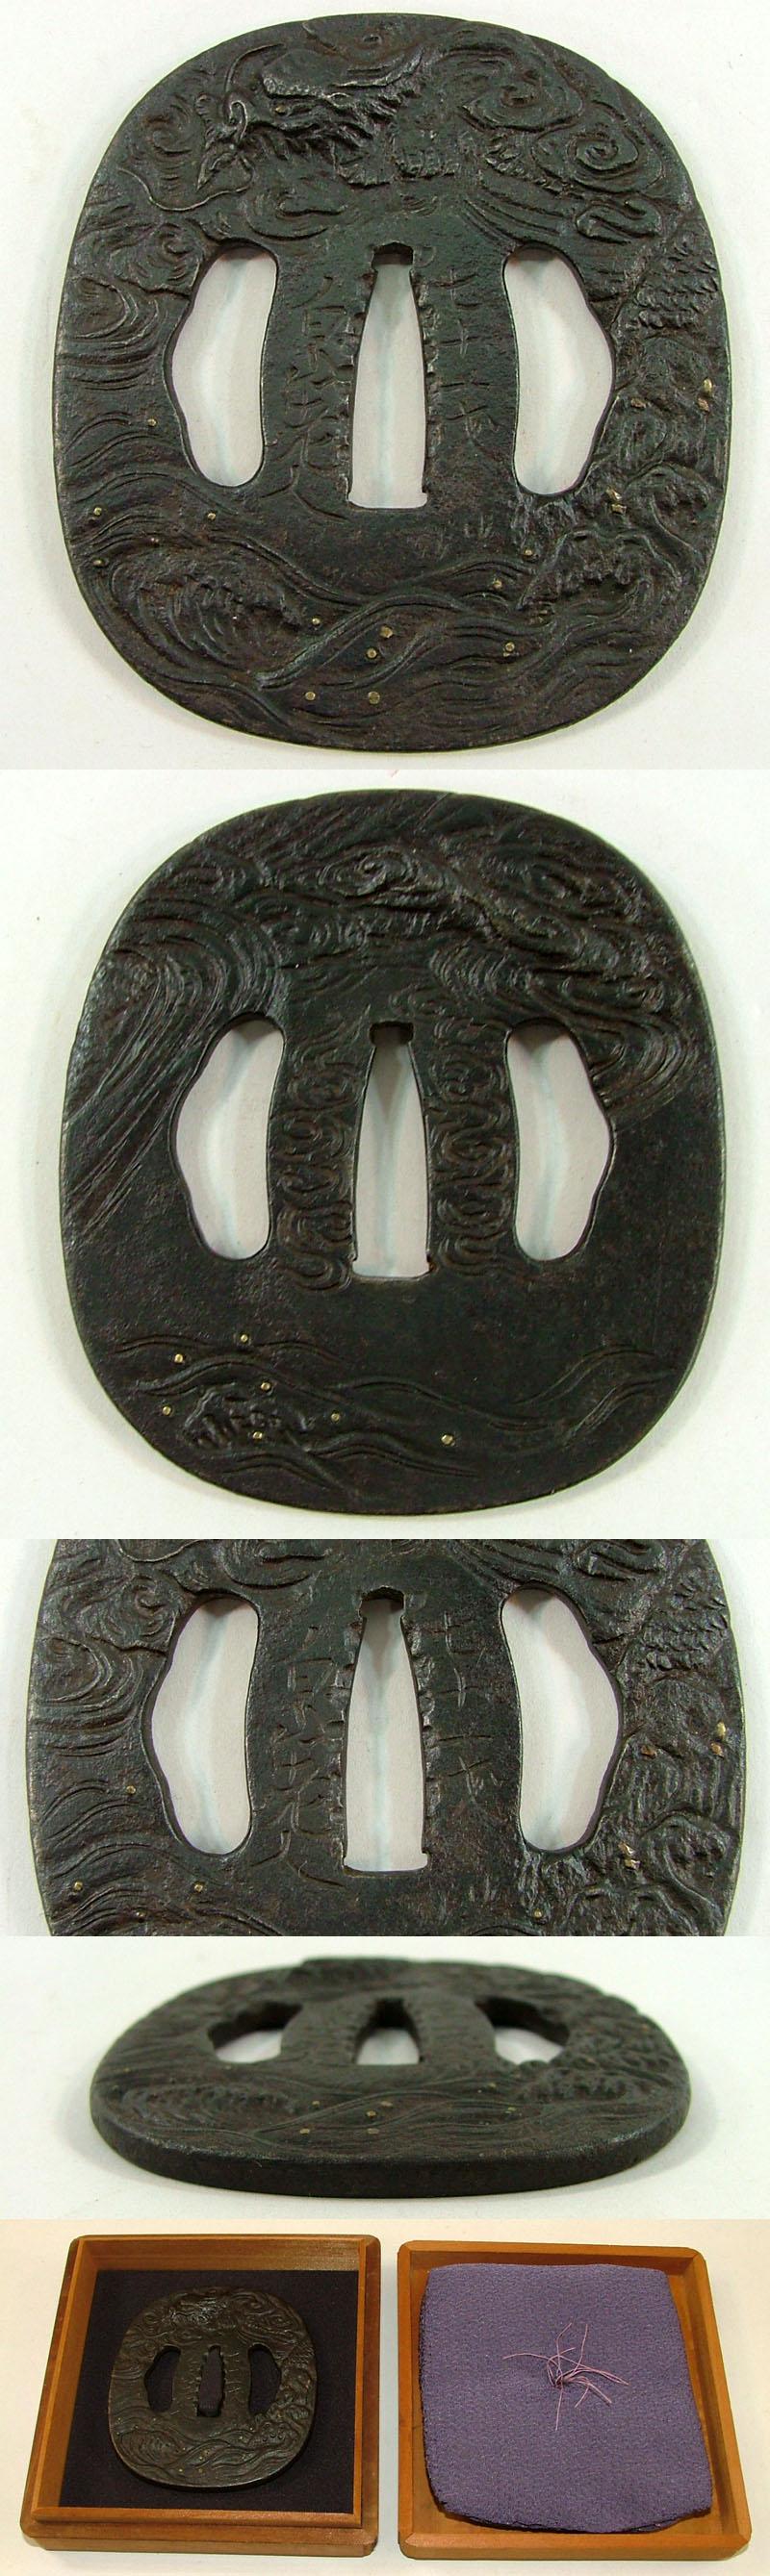 波龍図鐔 71才 白山老人 (白山子光長 豊川光長) Picture of parts